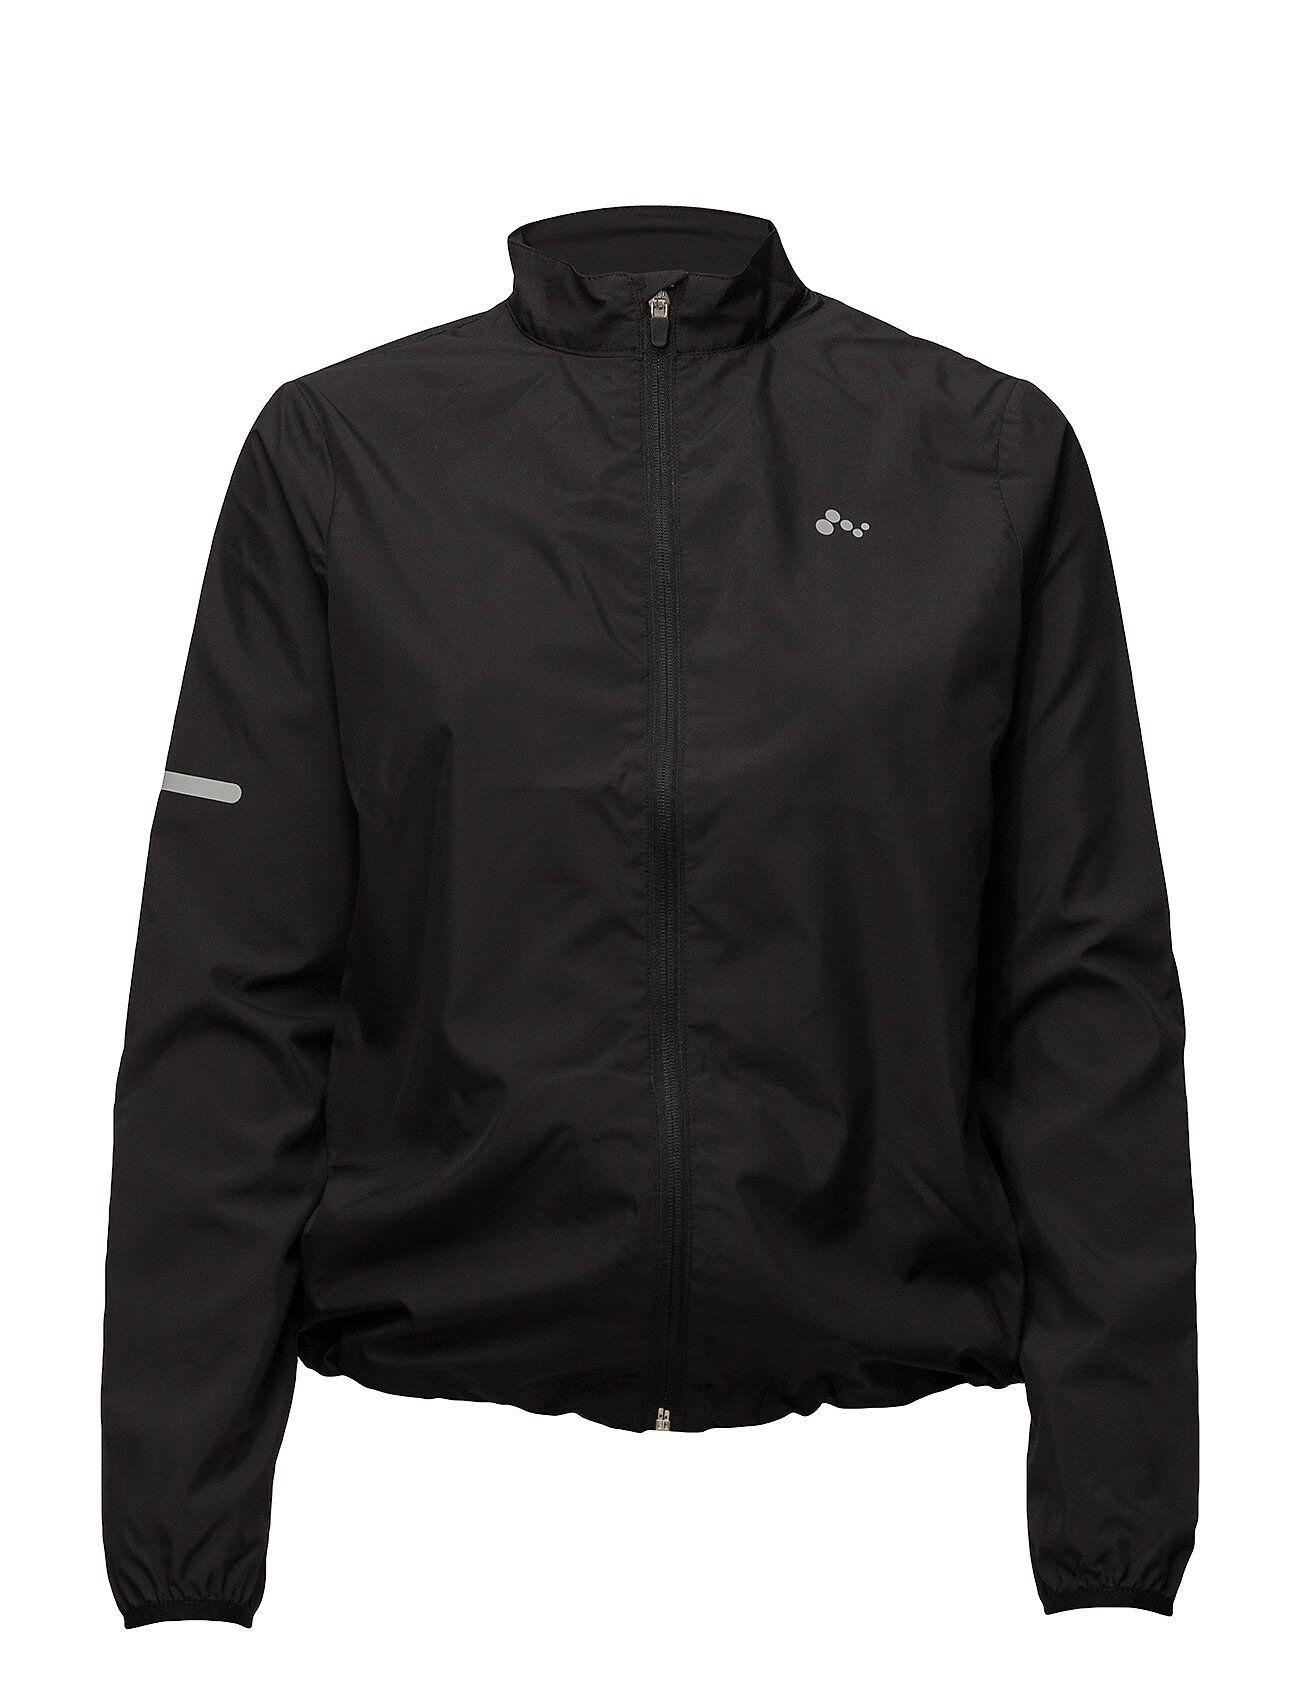 Image of ONLY PLAY Onpharley Running Jacket -Opus Kesätakki Ohut Takki Musta ONLY PLAY